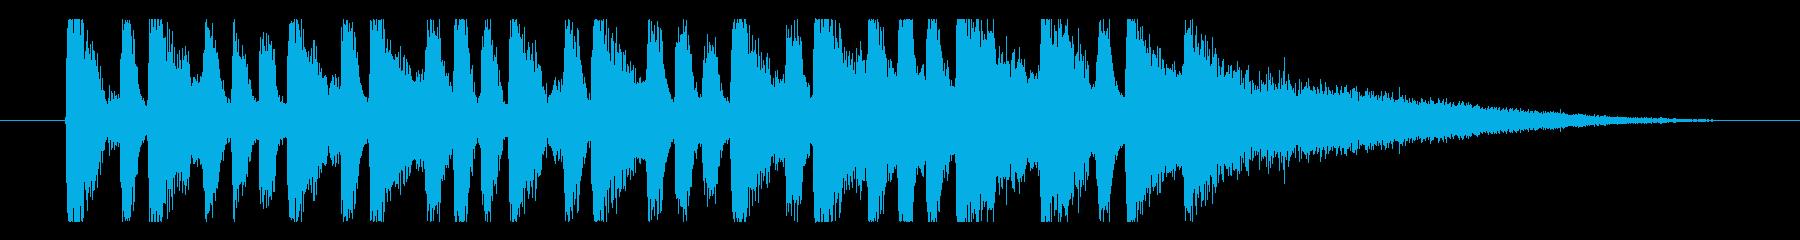 【日曜のラジオ1】の再生済みの波形